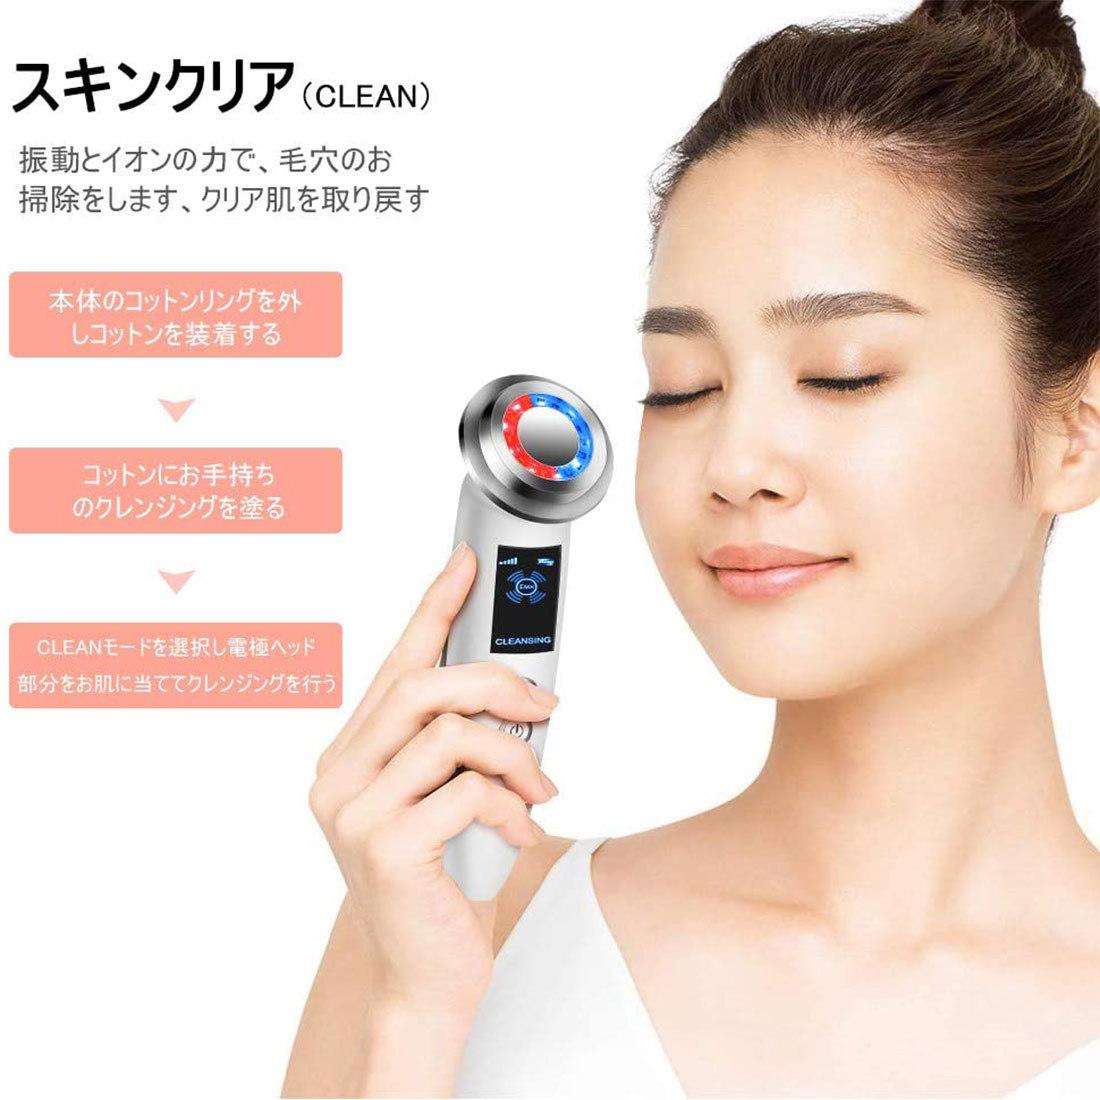 美顔器 フィスケア イオン導入 超音波振動 美容成分浸透 イオン導出 汚れ除去 EMS微電流 美肌 ほうれい線 光エステ usb充電式 ホワイト_画像4